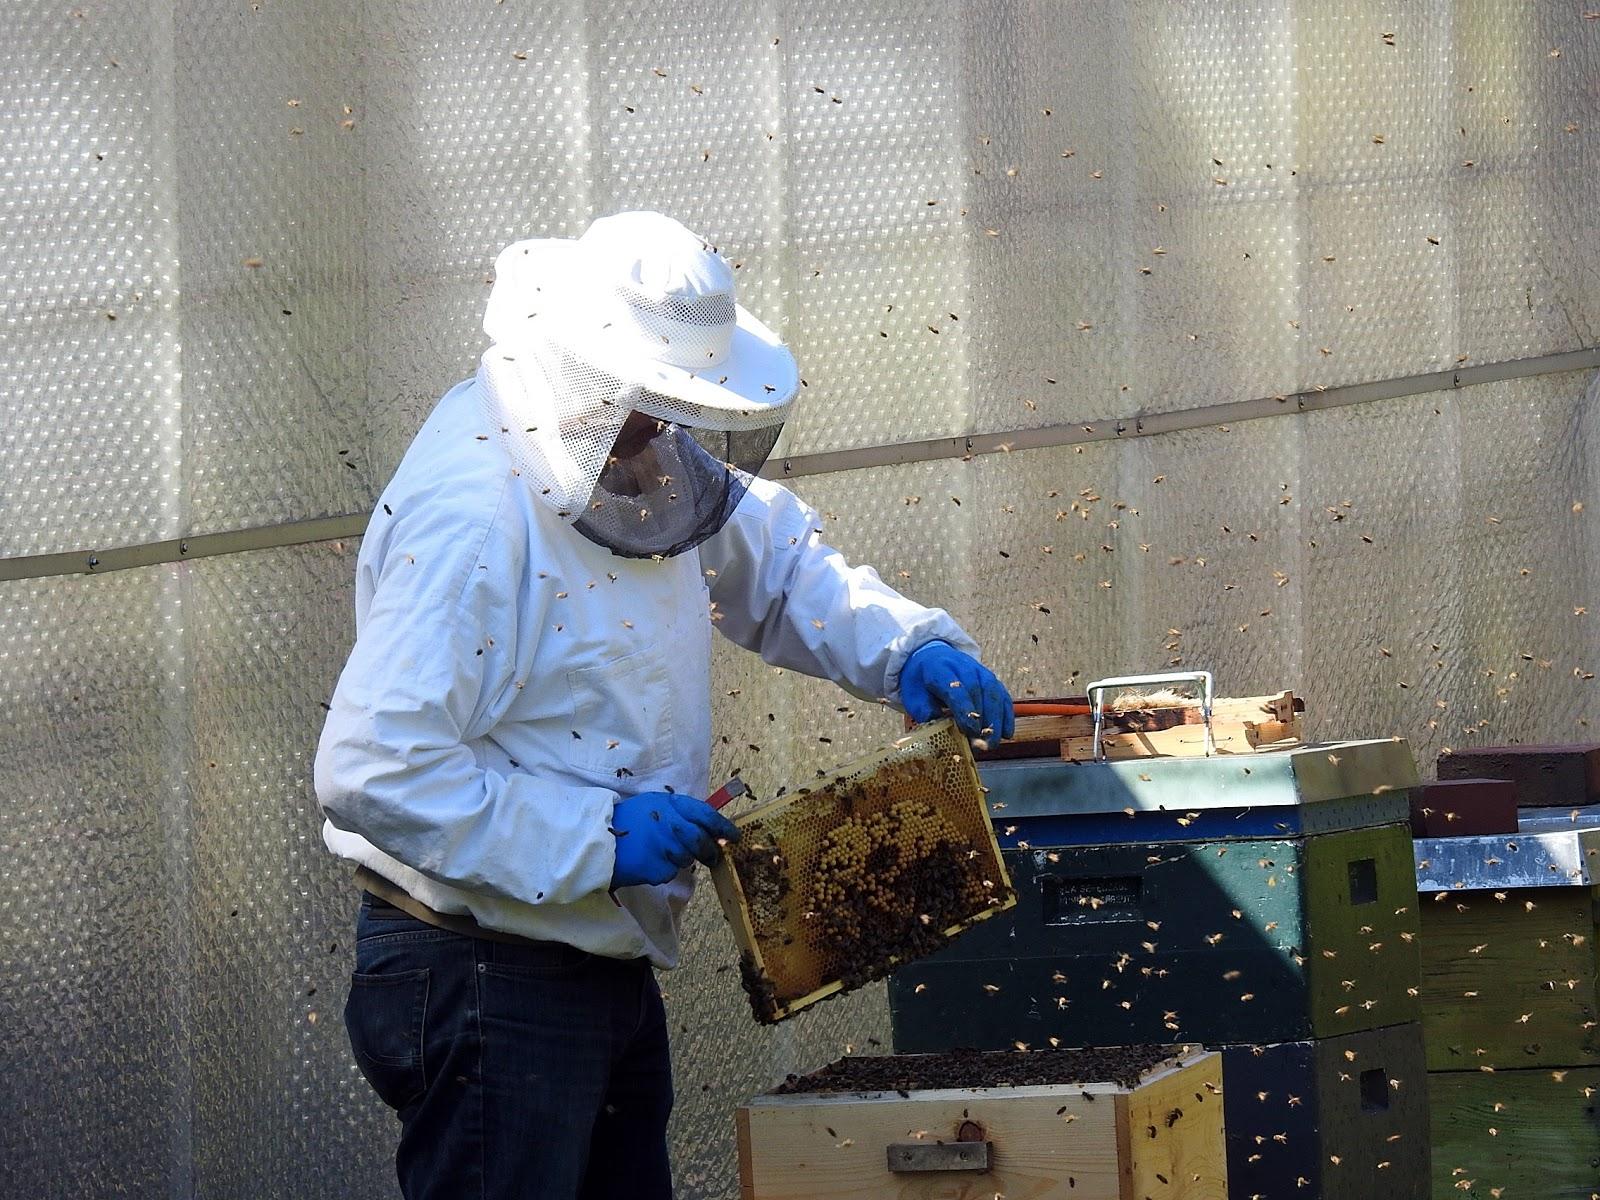 蜜蜂の巣を持ち上げて確認している養蜂家と飛び交う数多くの蜜蜂